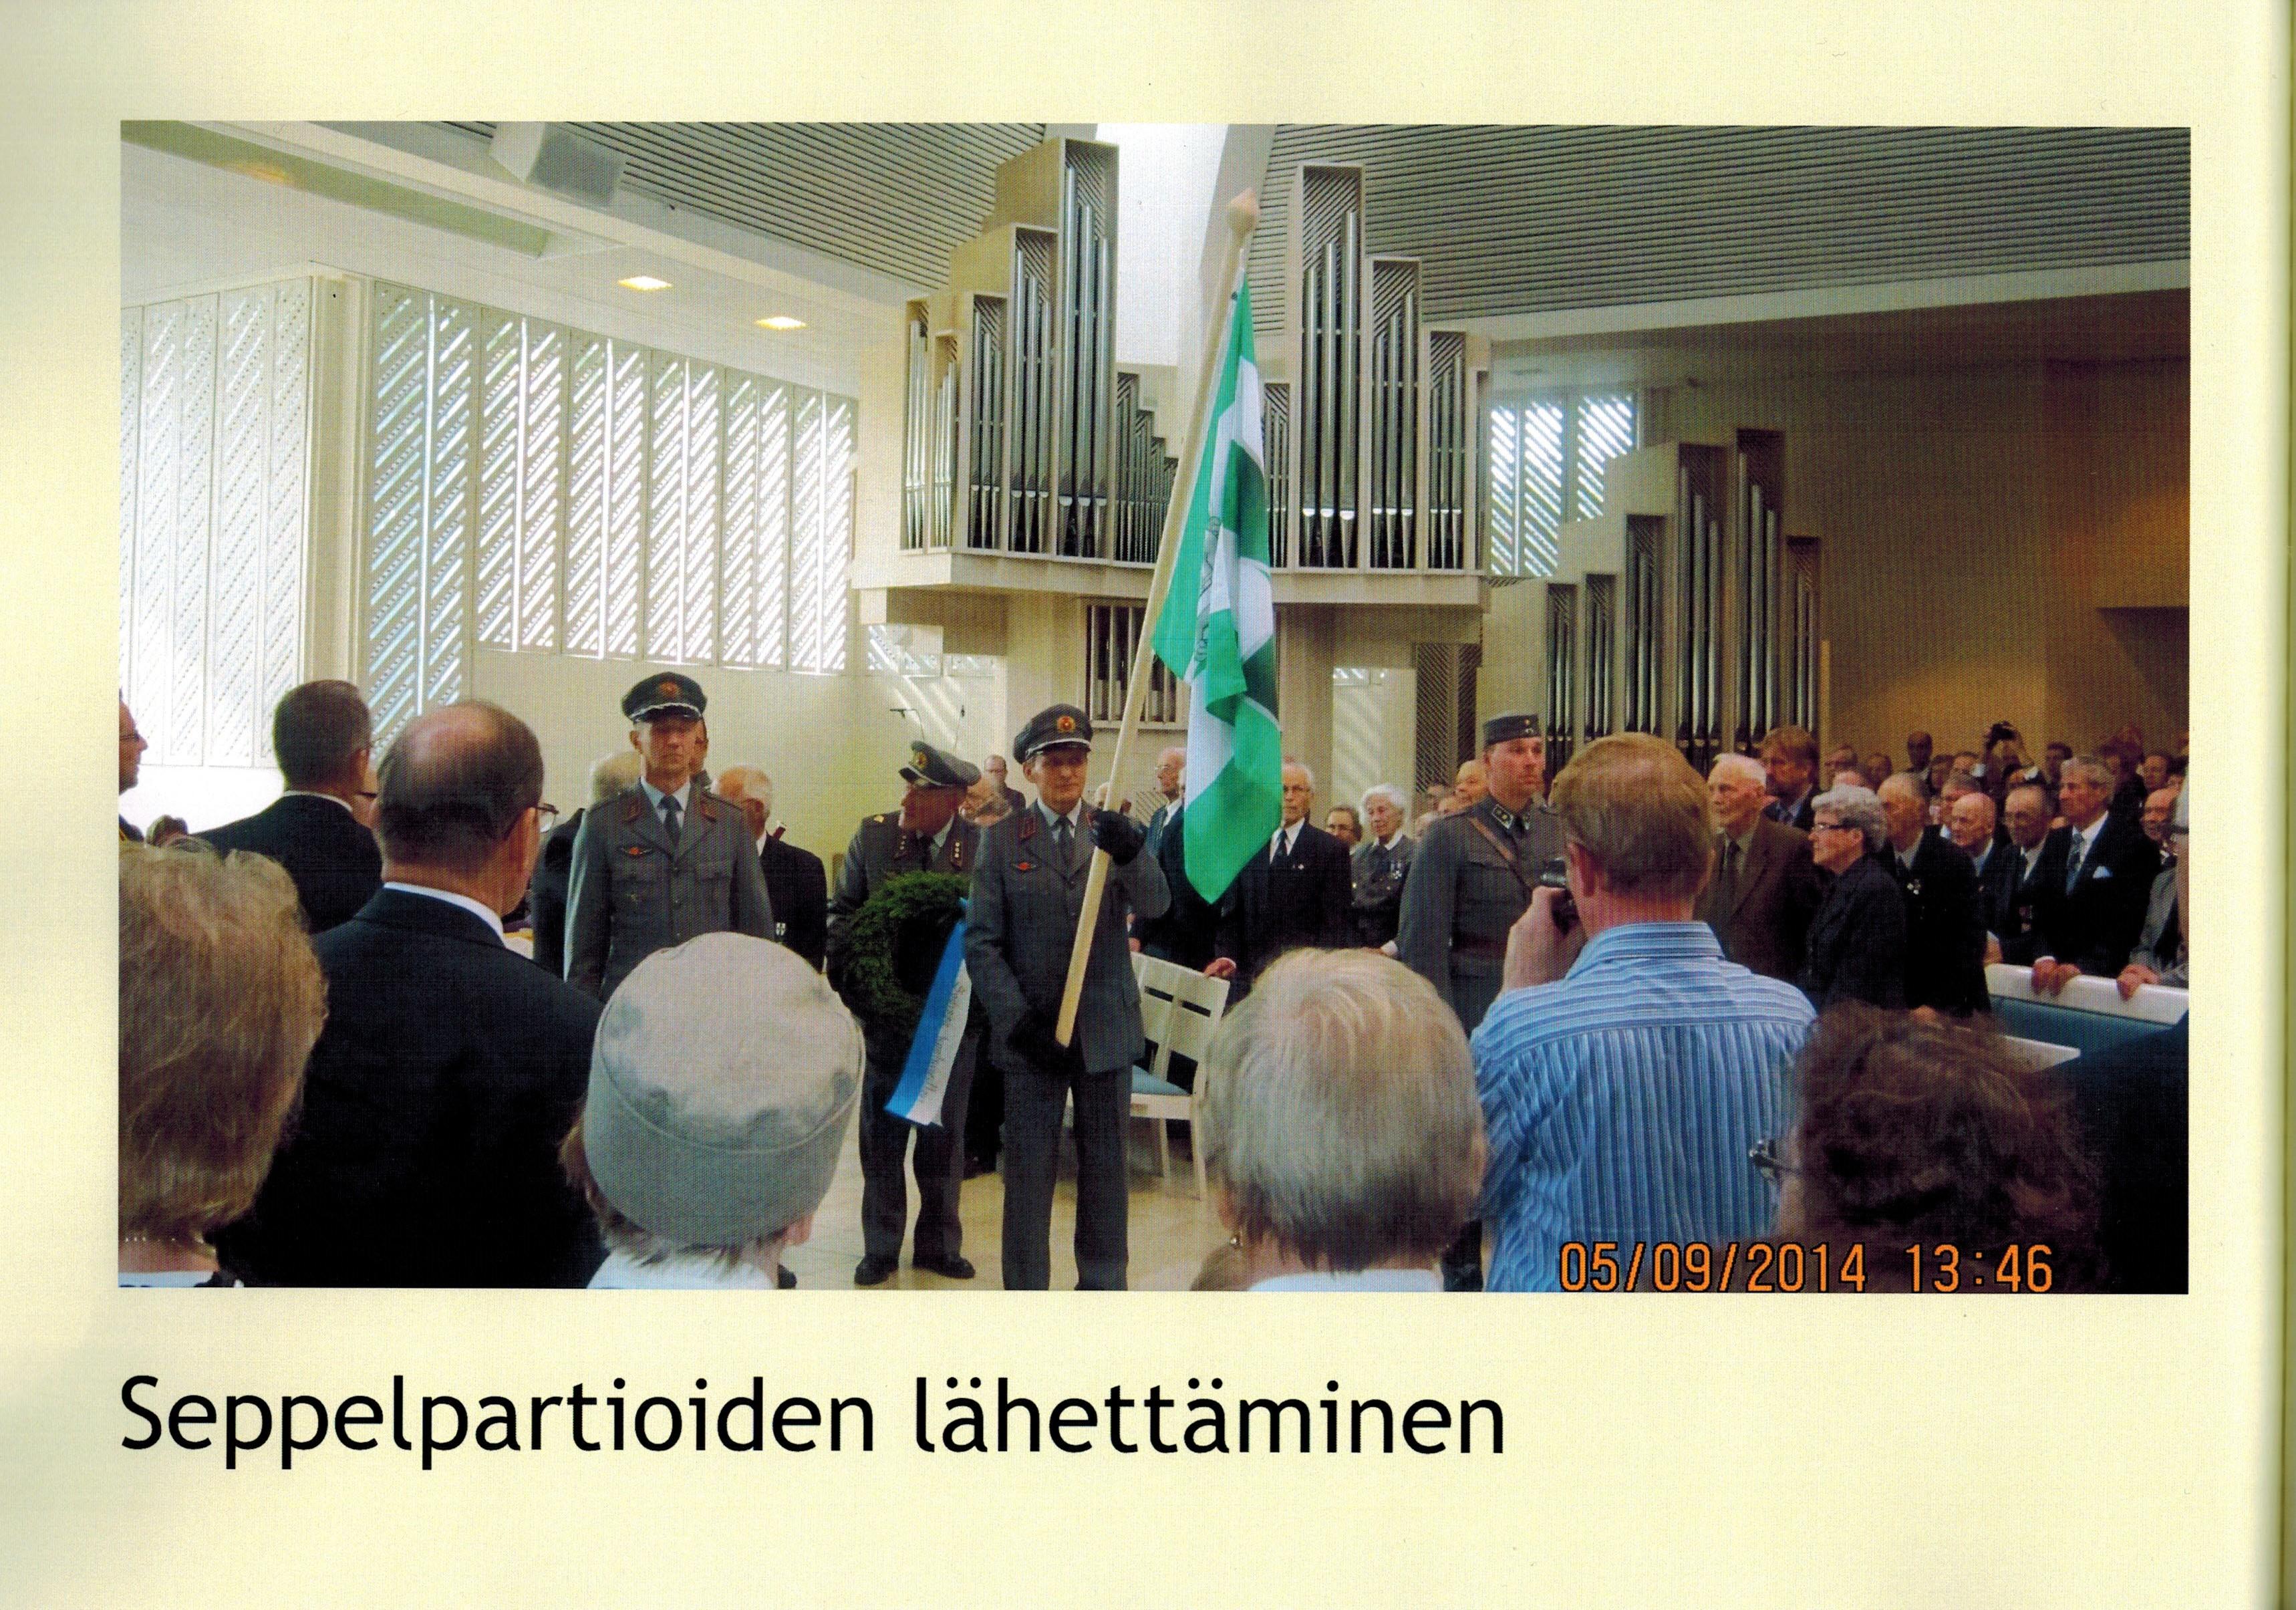 Lieksan Kirkko 5.9.2014 Kansalaisjuhla 70 vuotta Jatkosodan päättymisestä. Kuva Riitta Päällysaho.